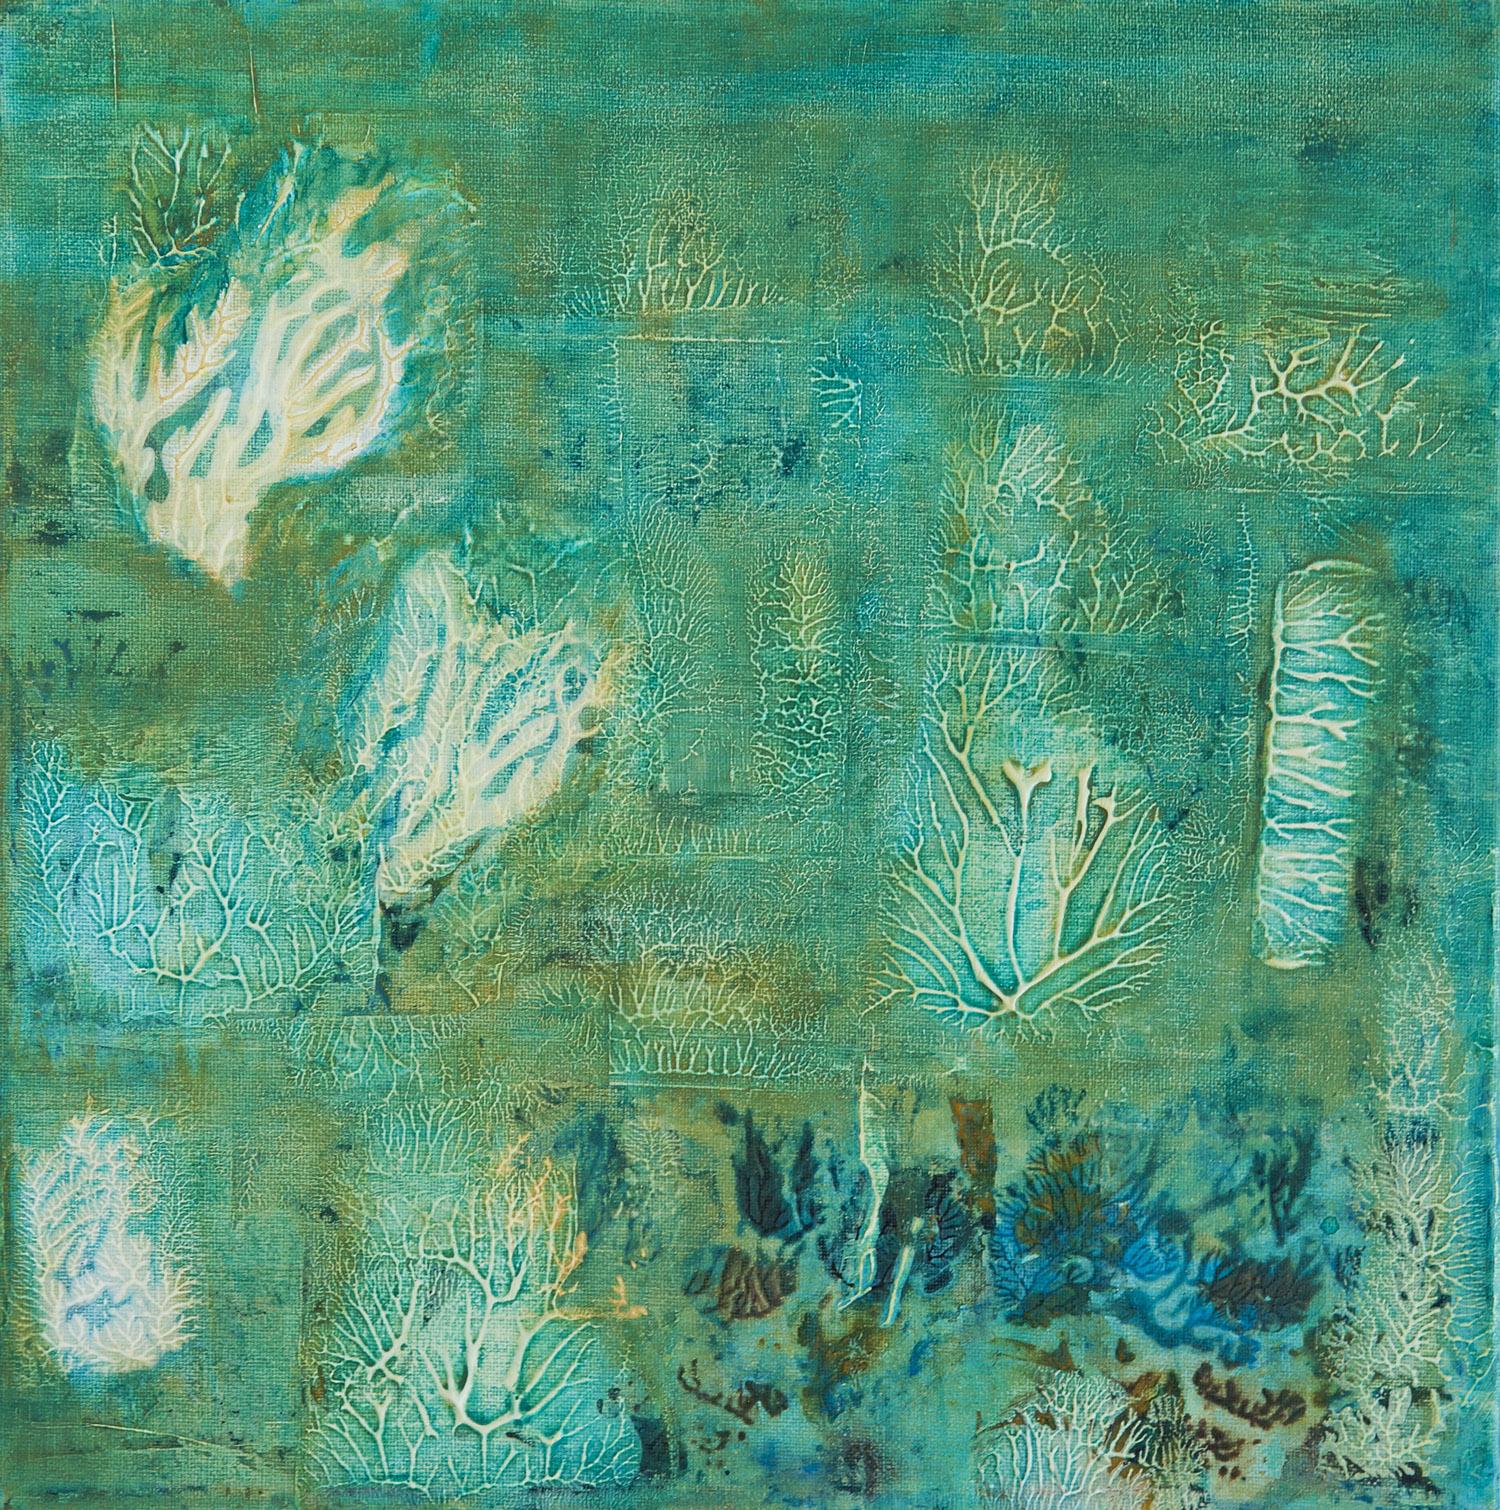 Lechuga de mar, acrilico sobre lienzo, 30x30cm, 2014.jpg